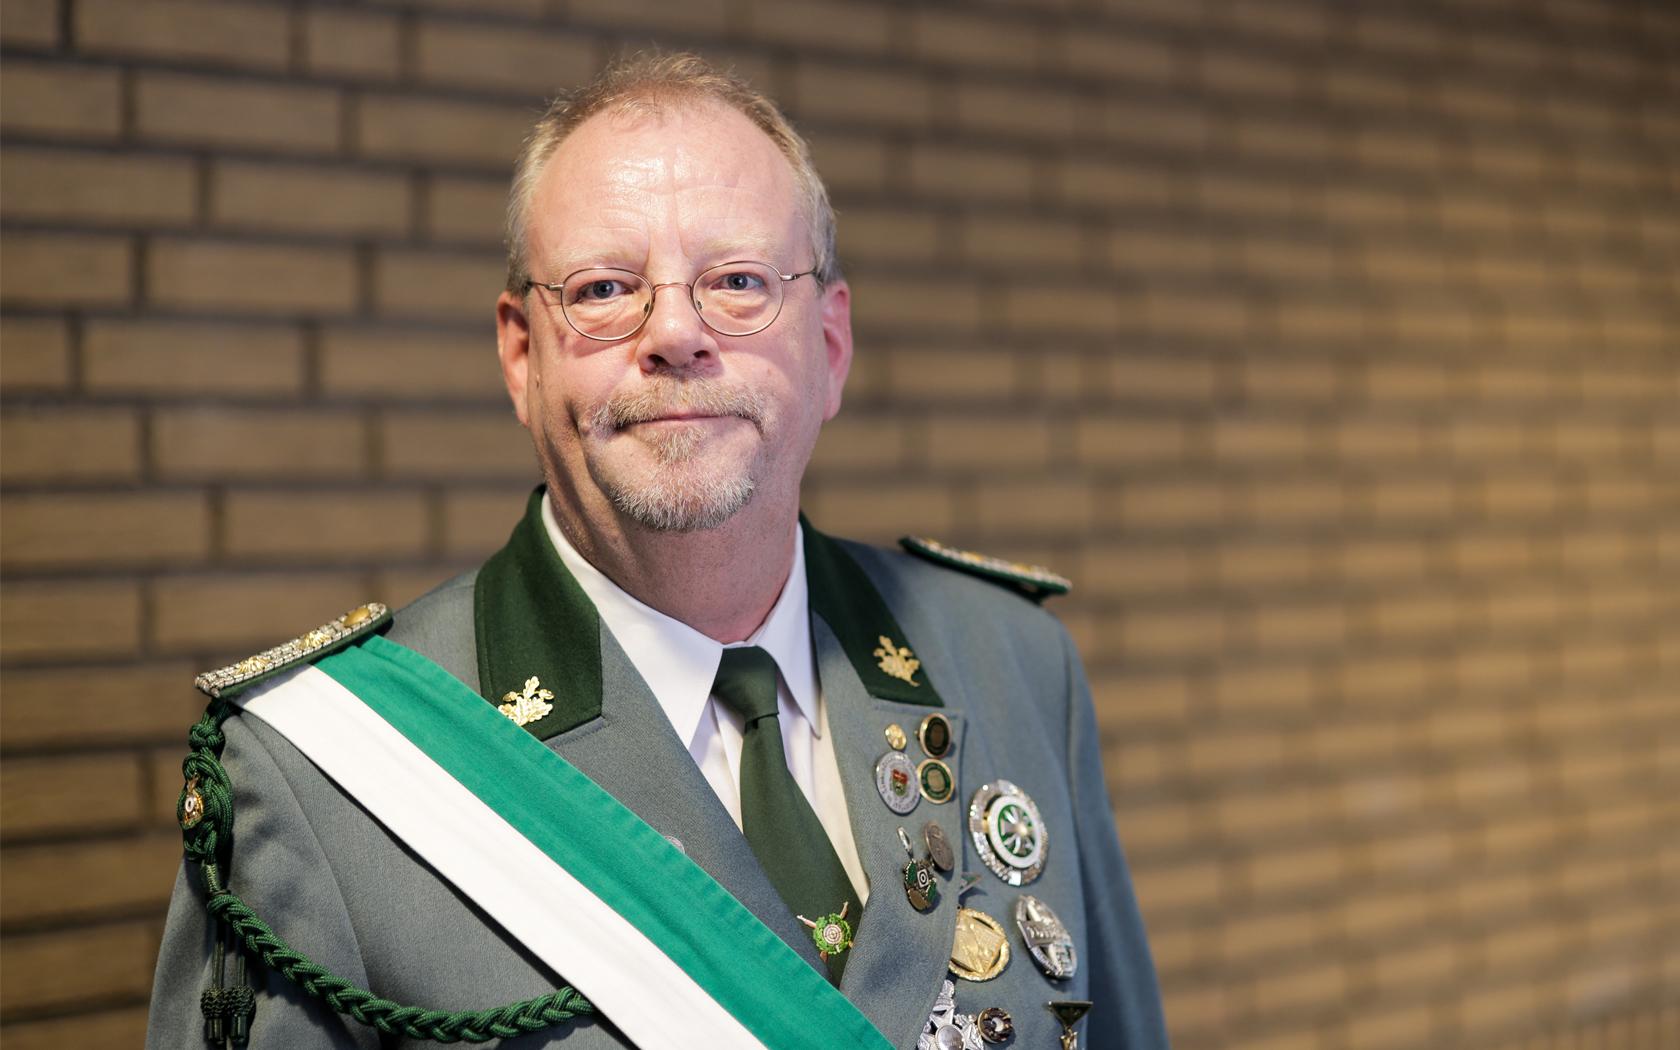 Werner Thorwesten